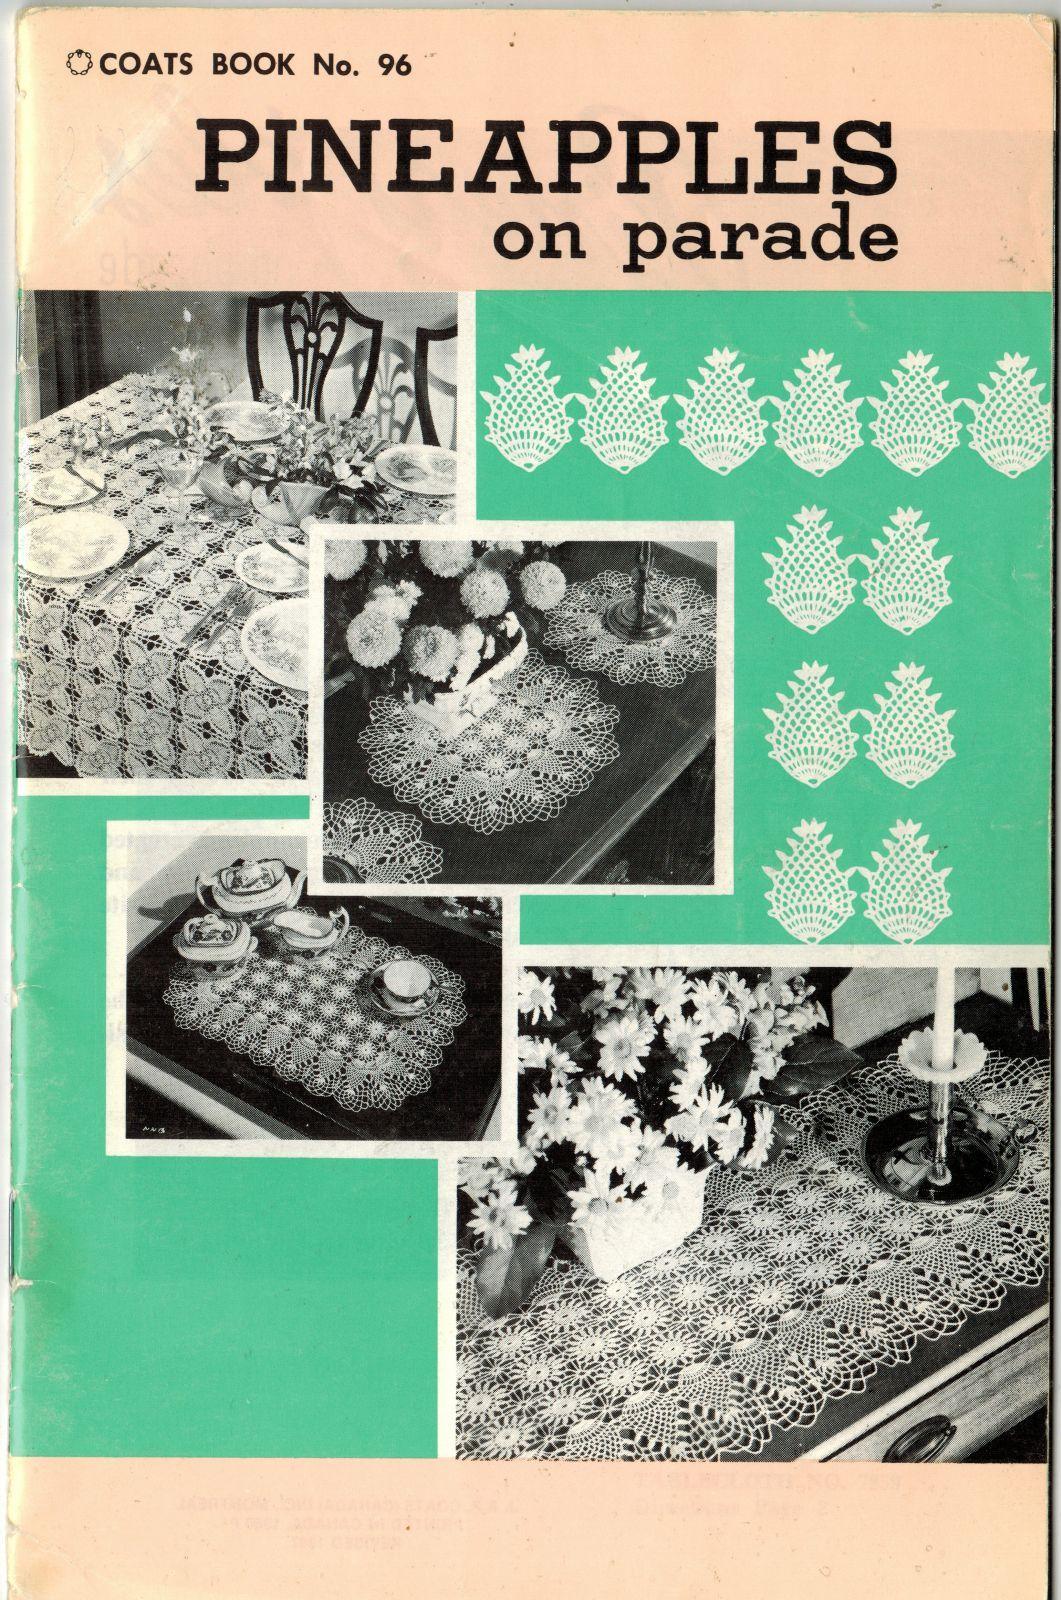 Pineapple Doilies Tablecloth Runner Luncheon Buffet Armchair Crochet Patterns  image 12